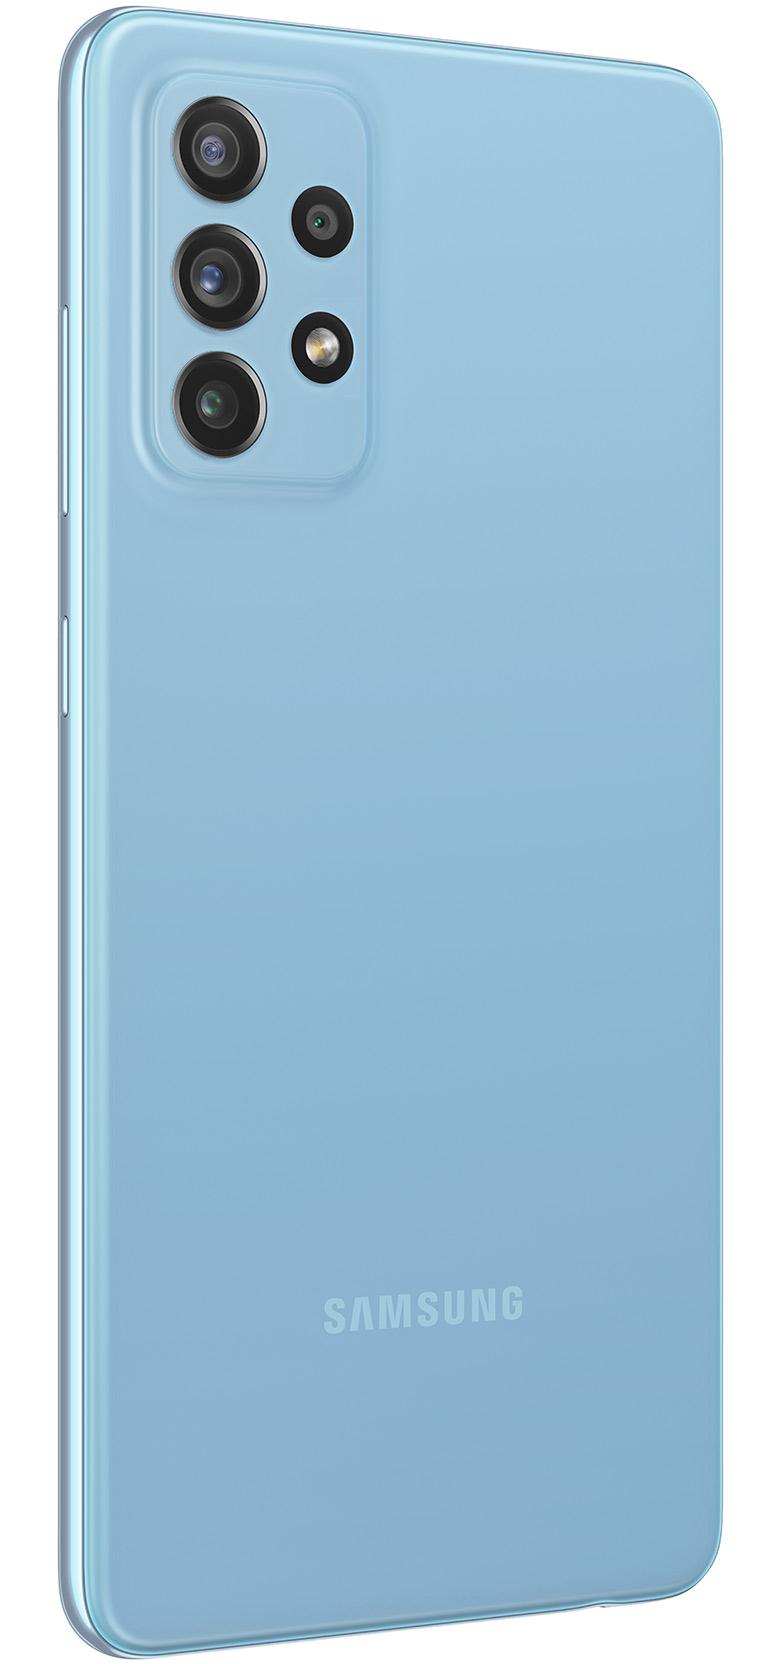 Samsung Galaxy A72 DS (SM-A725) 128GB Blue - 4